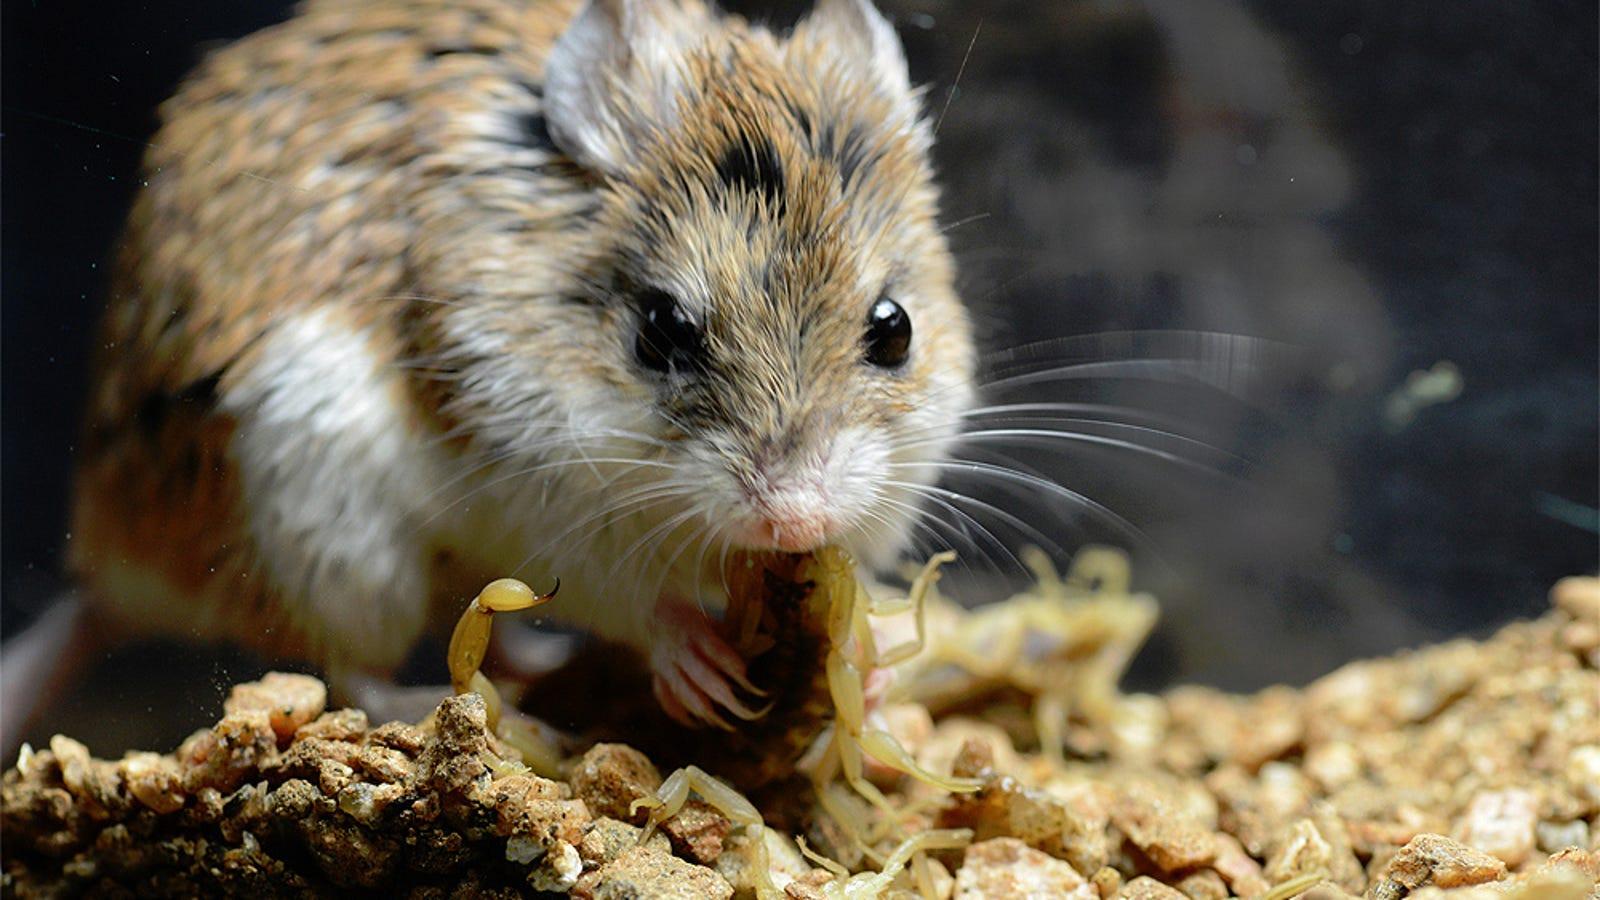 Este ratón es inmune al ataque de un escorpión que tumbaría a una persona (y por qué importa)